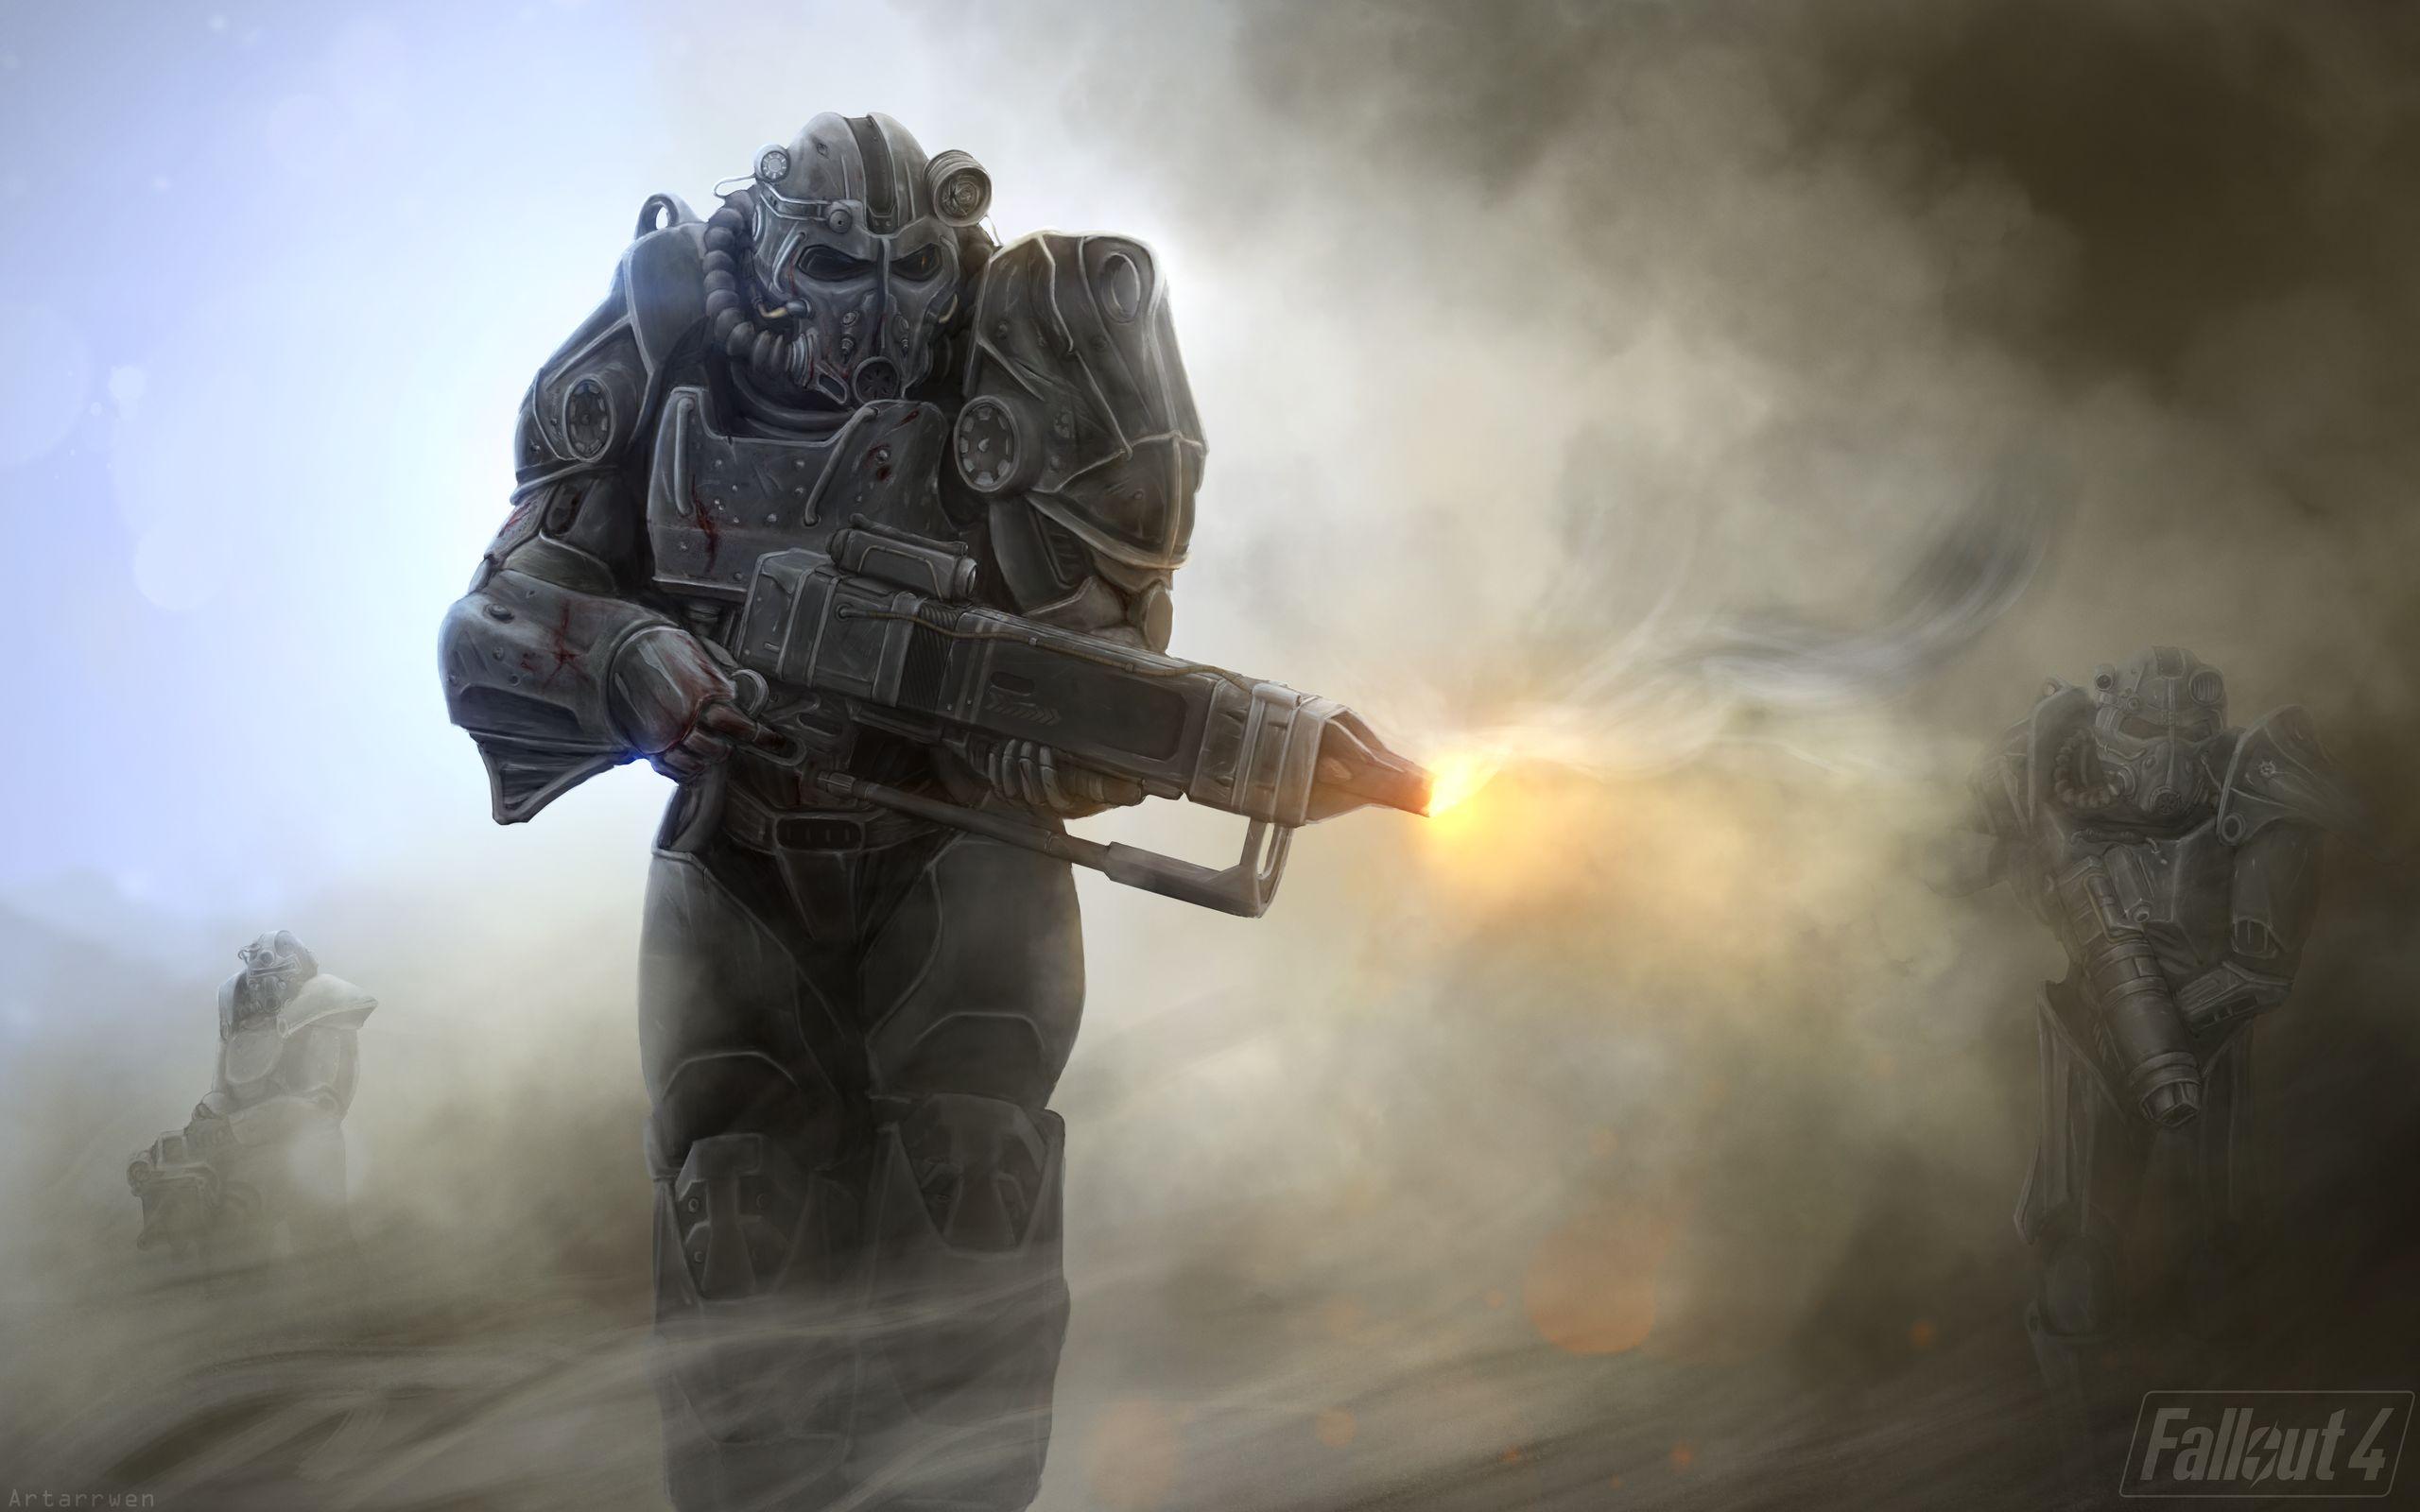 Не придирки, а реальные минусы Fallout 4. - Изображение 1